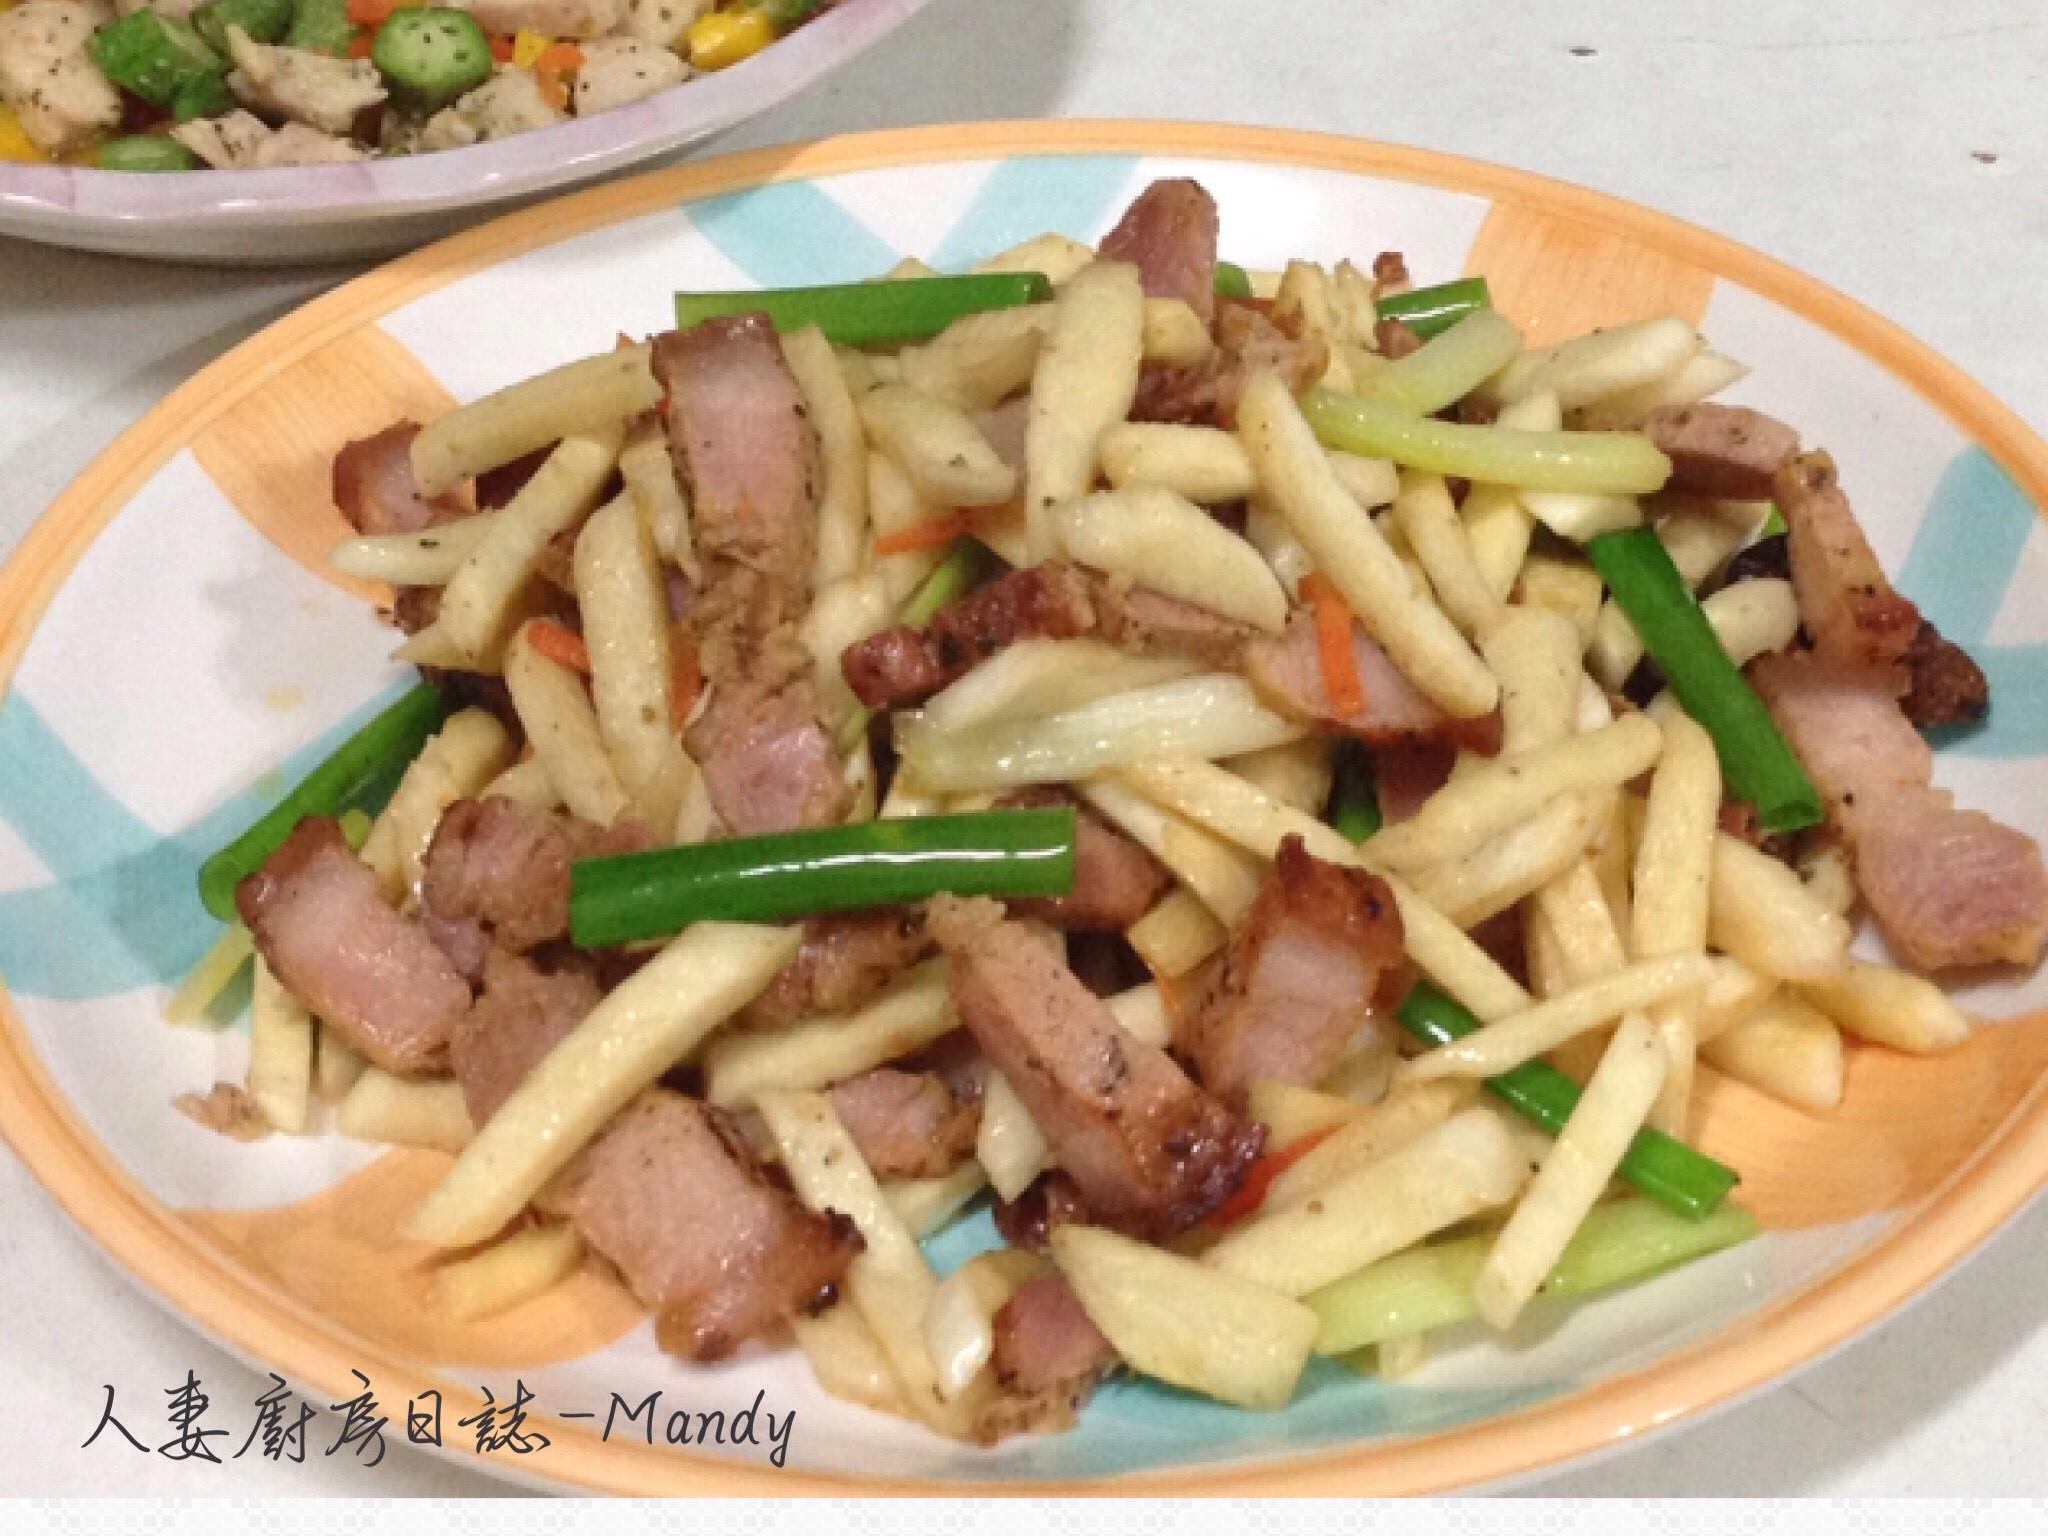 客家鹹豬肉炒美人腿-宴客版